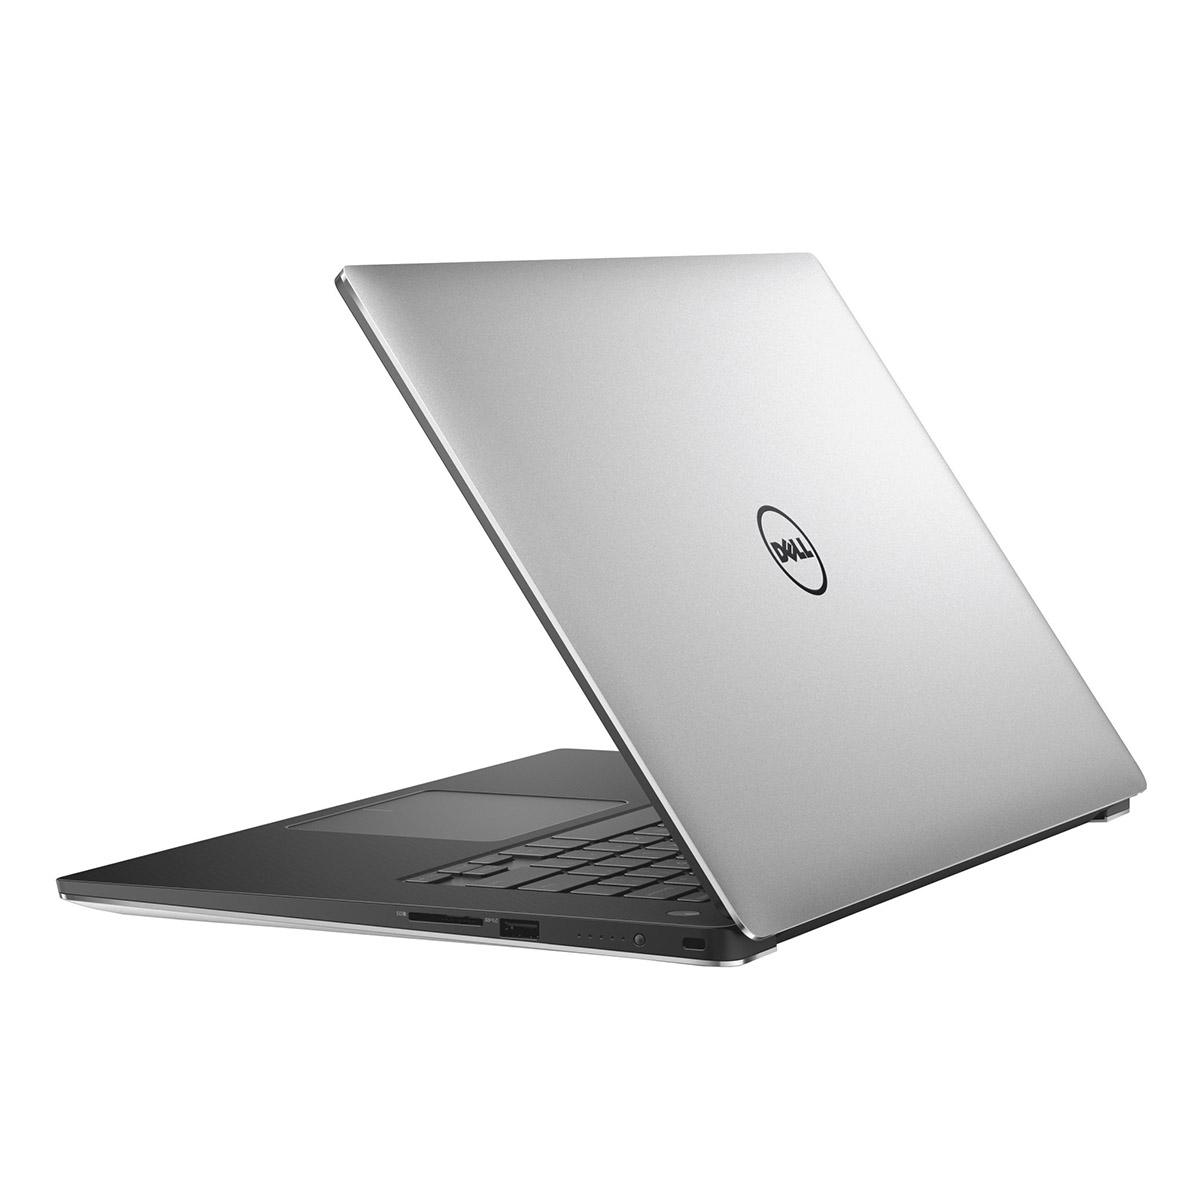 Dell precision 5510 (3)